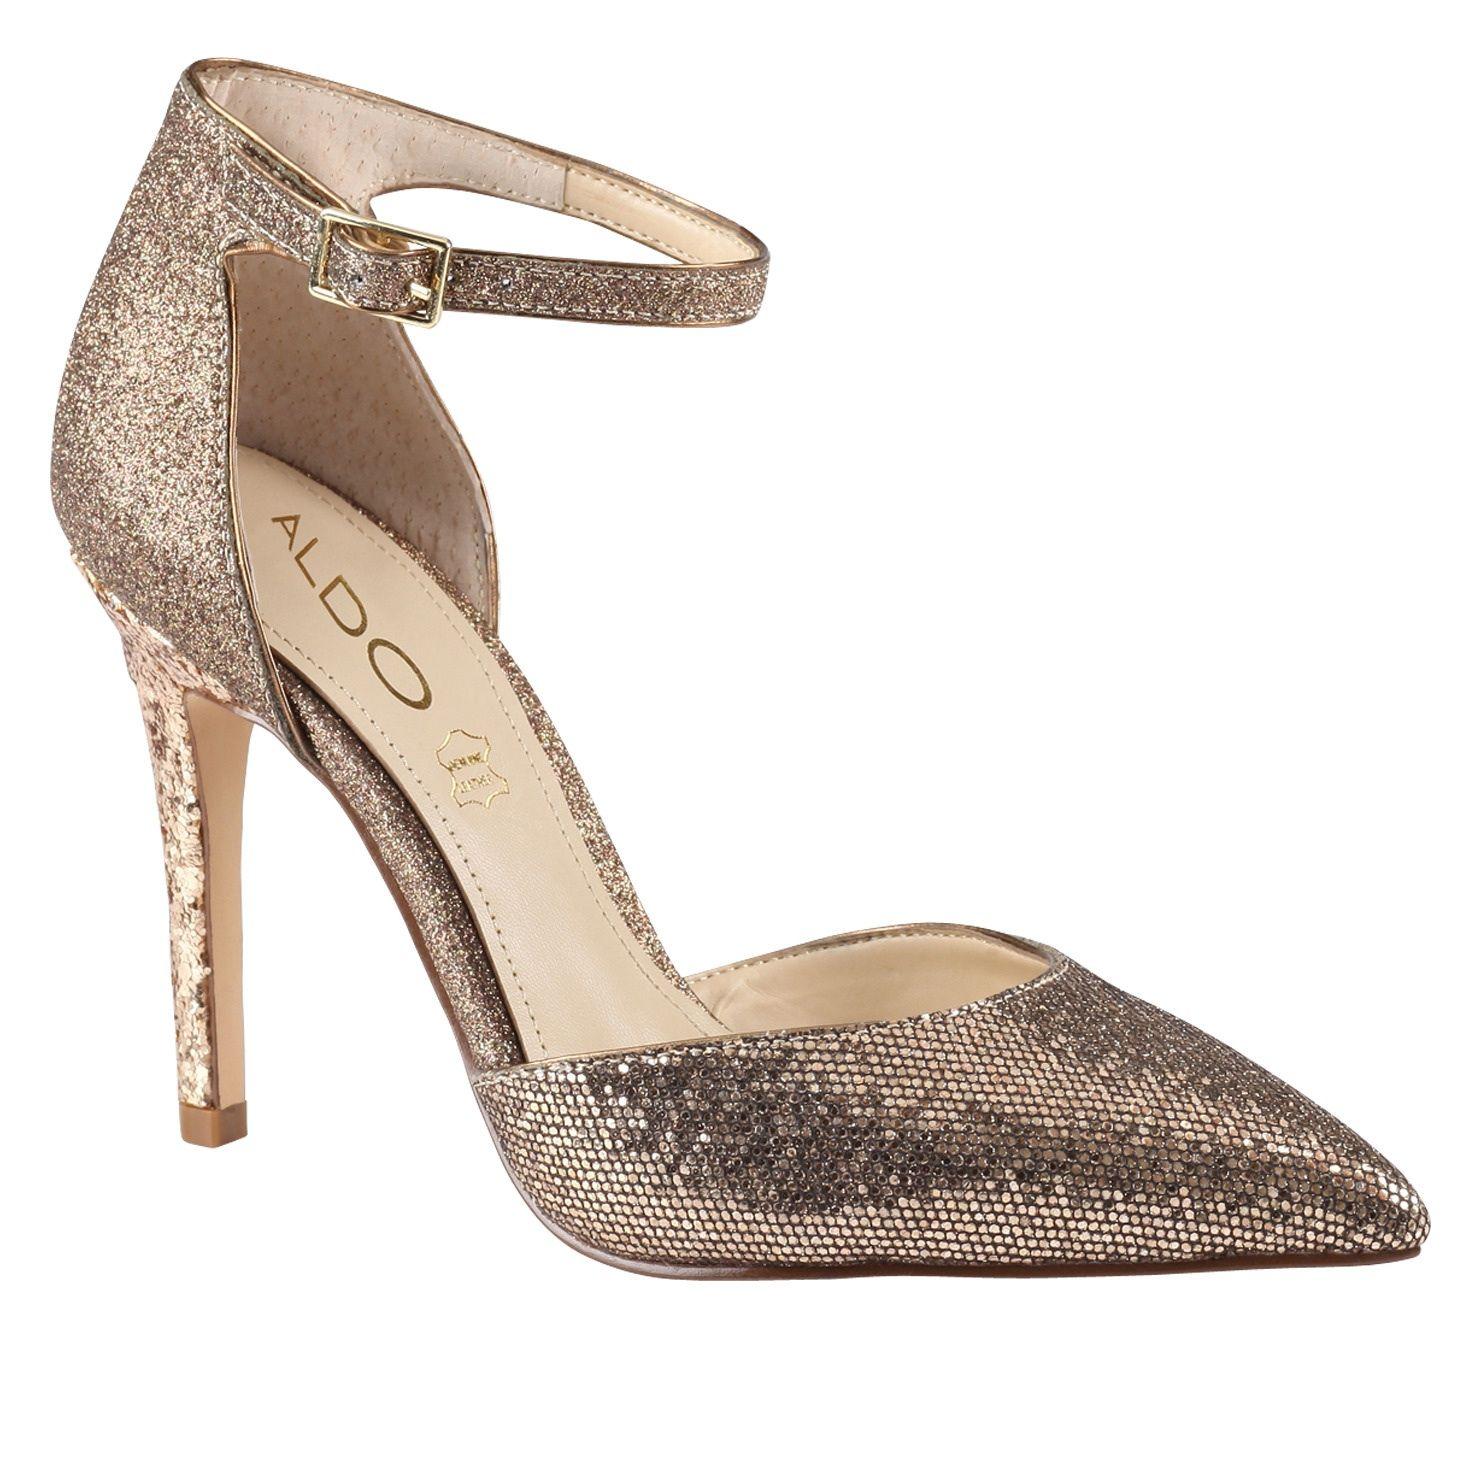 Bridal Shoes Aldo: Shoes, Shoes Heels, Sparkle